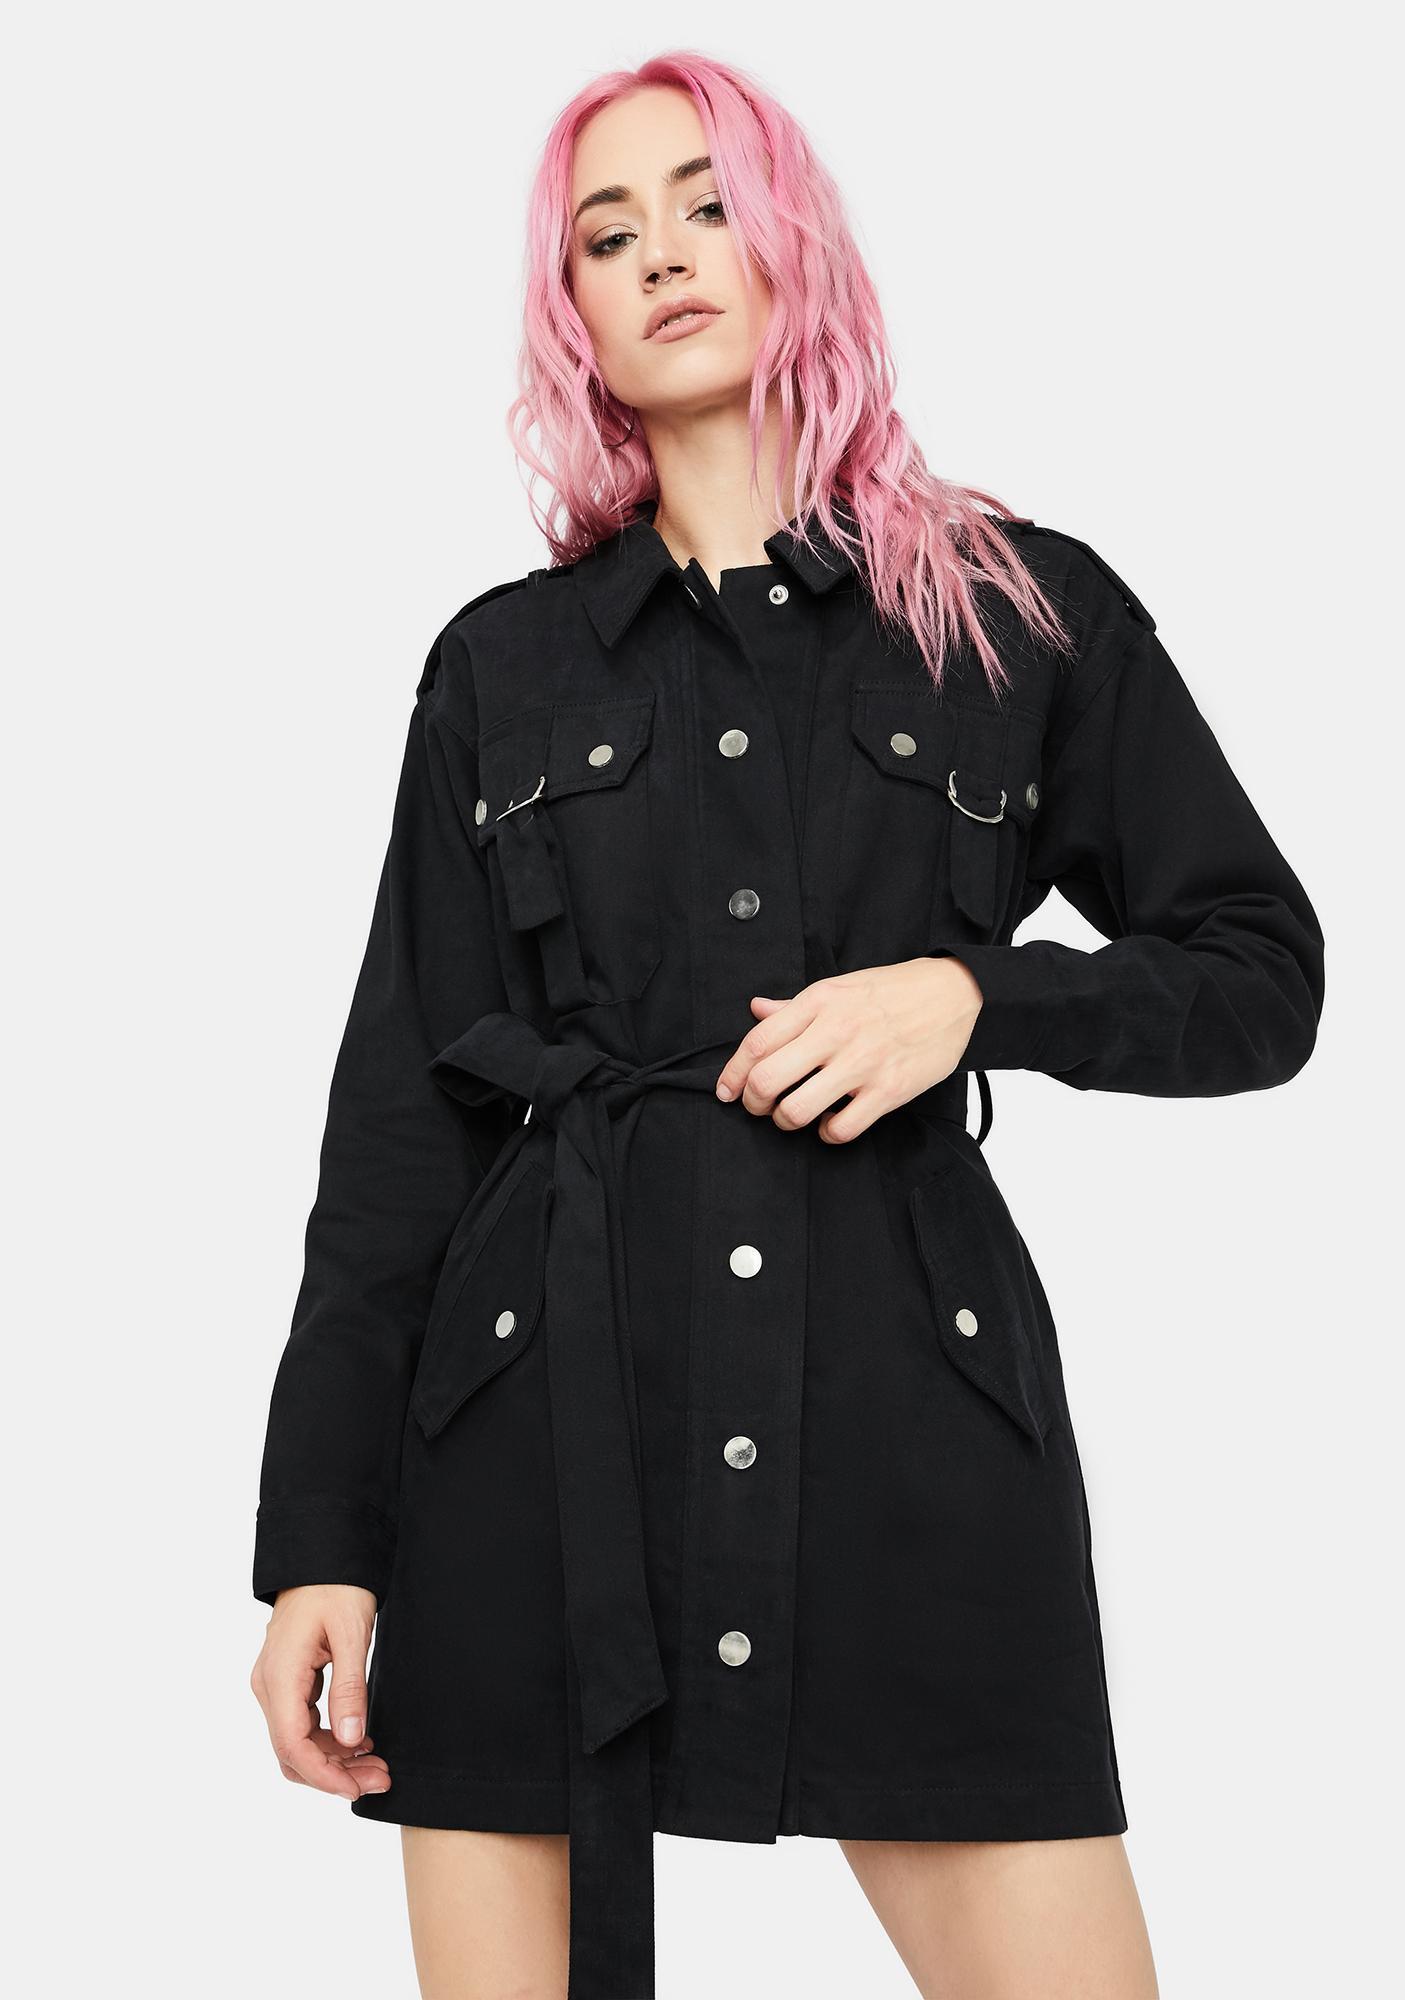 Baddie Revolution Cargo Dress